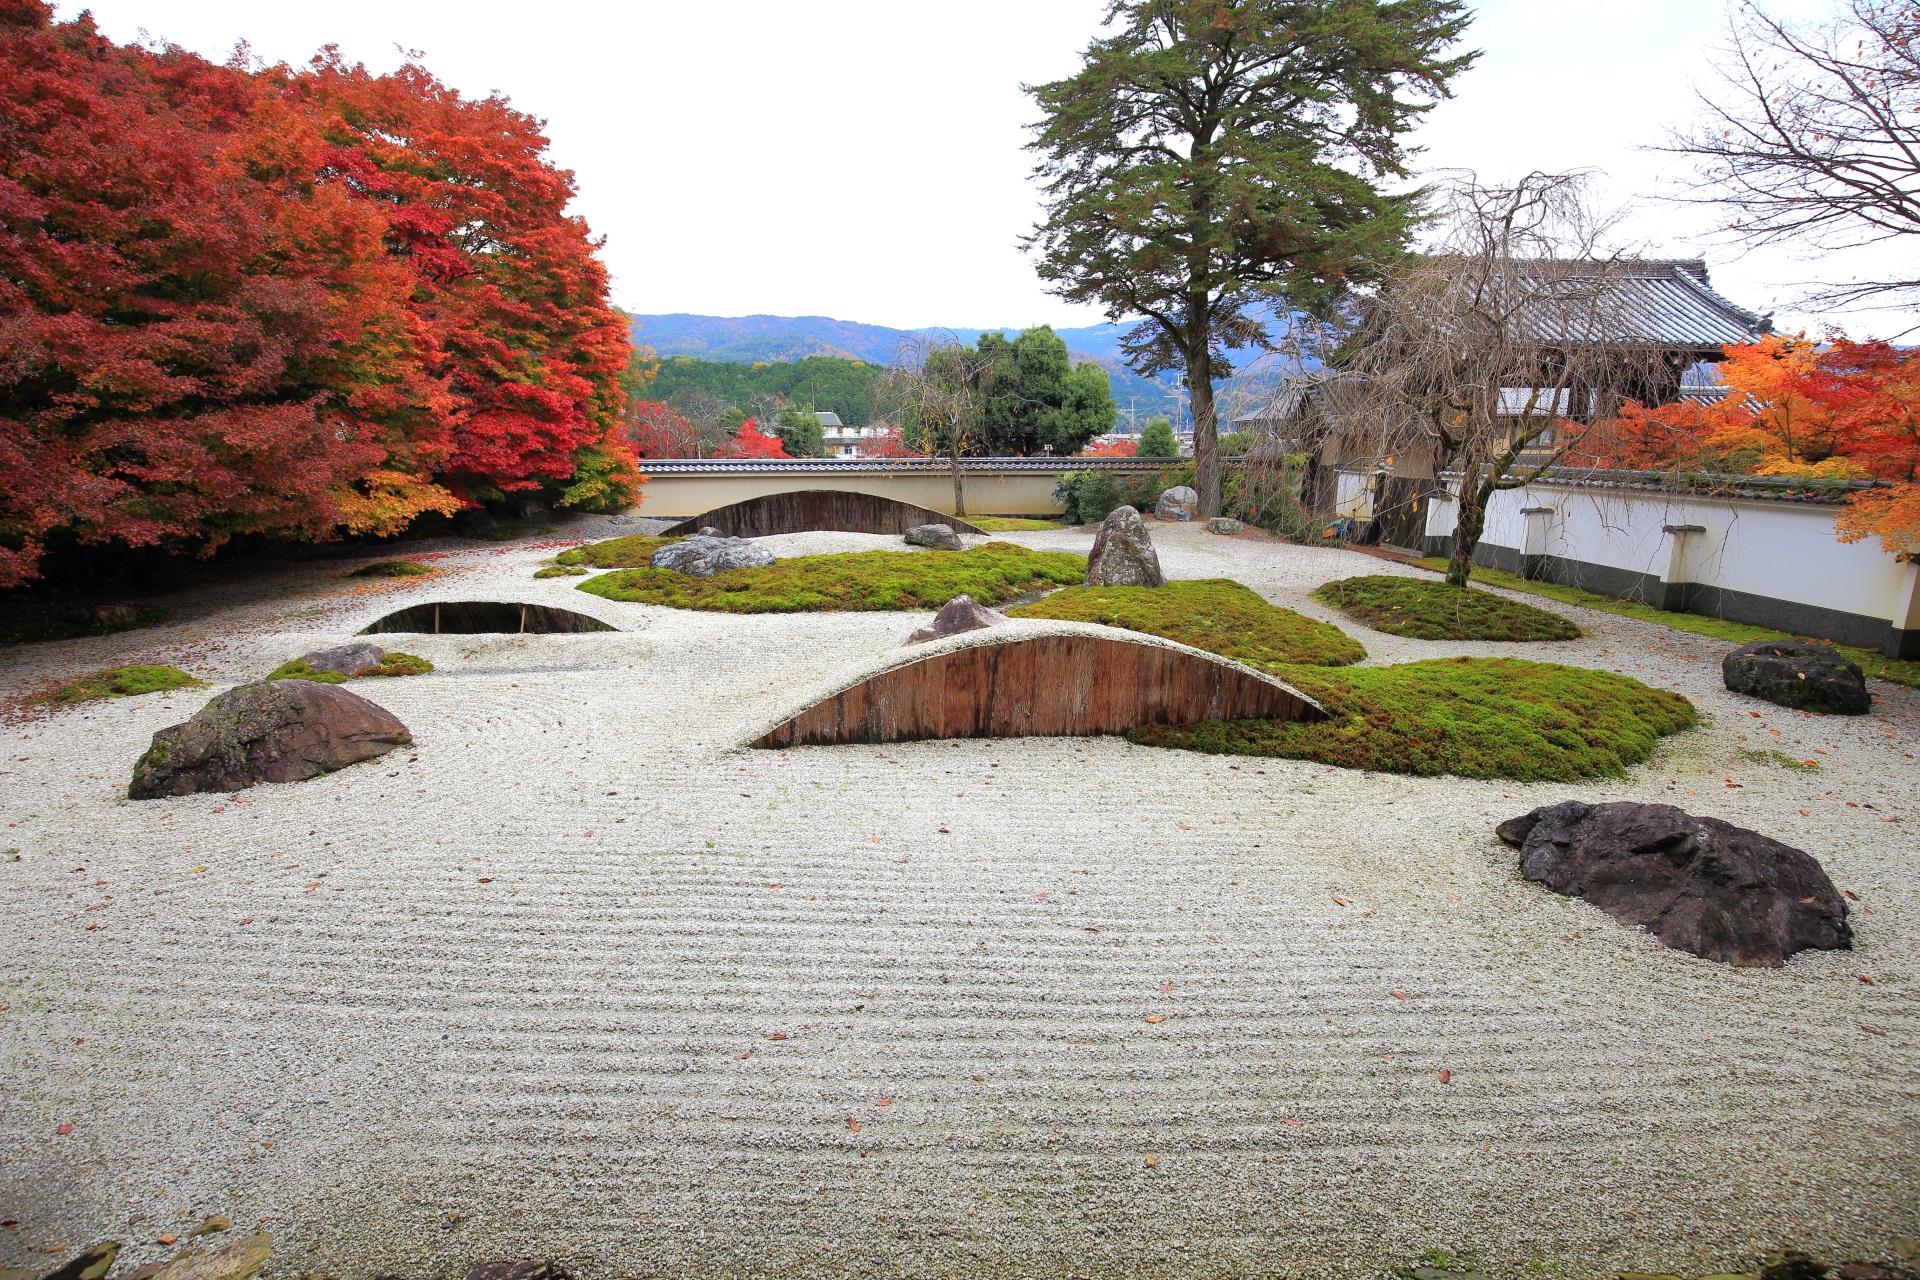 実相院門跡の素晴らしい紅葉と散りもみじや秋色の情景